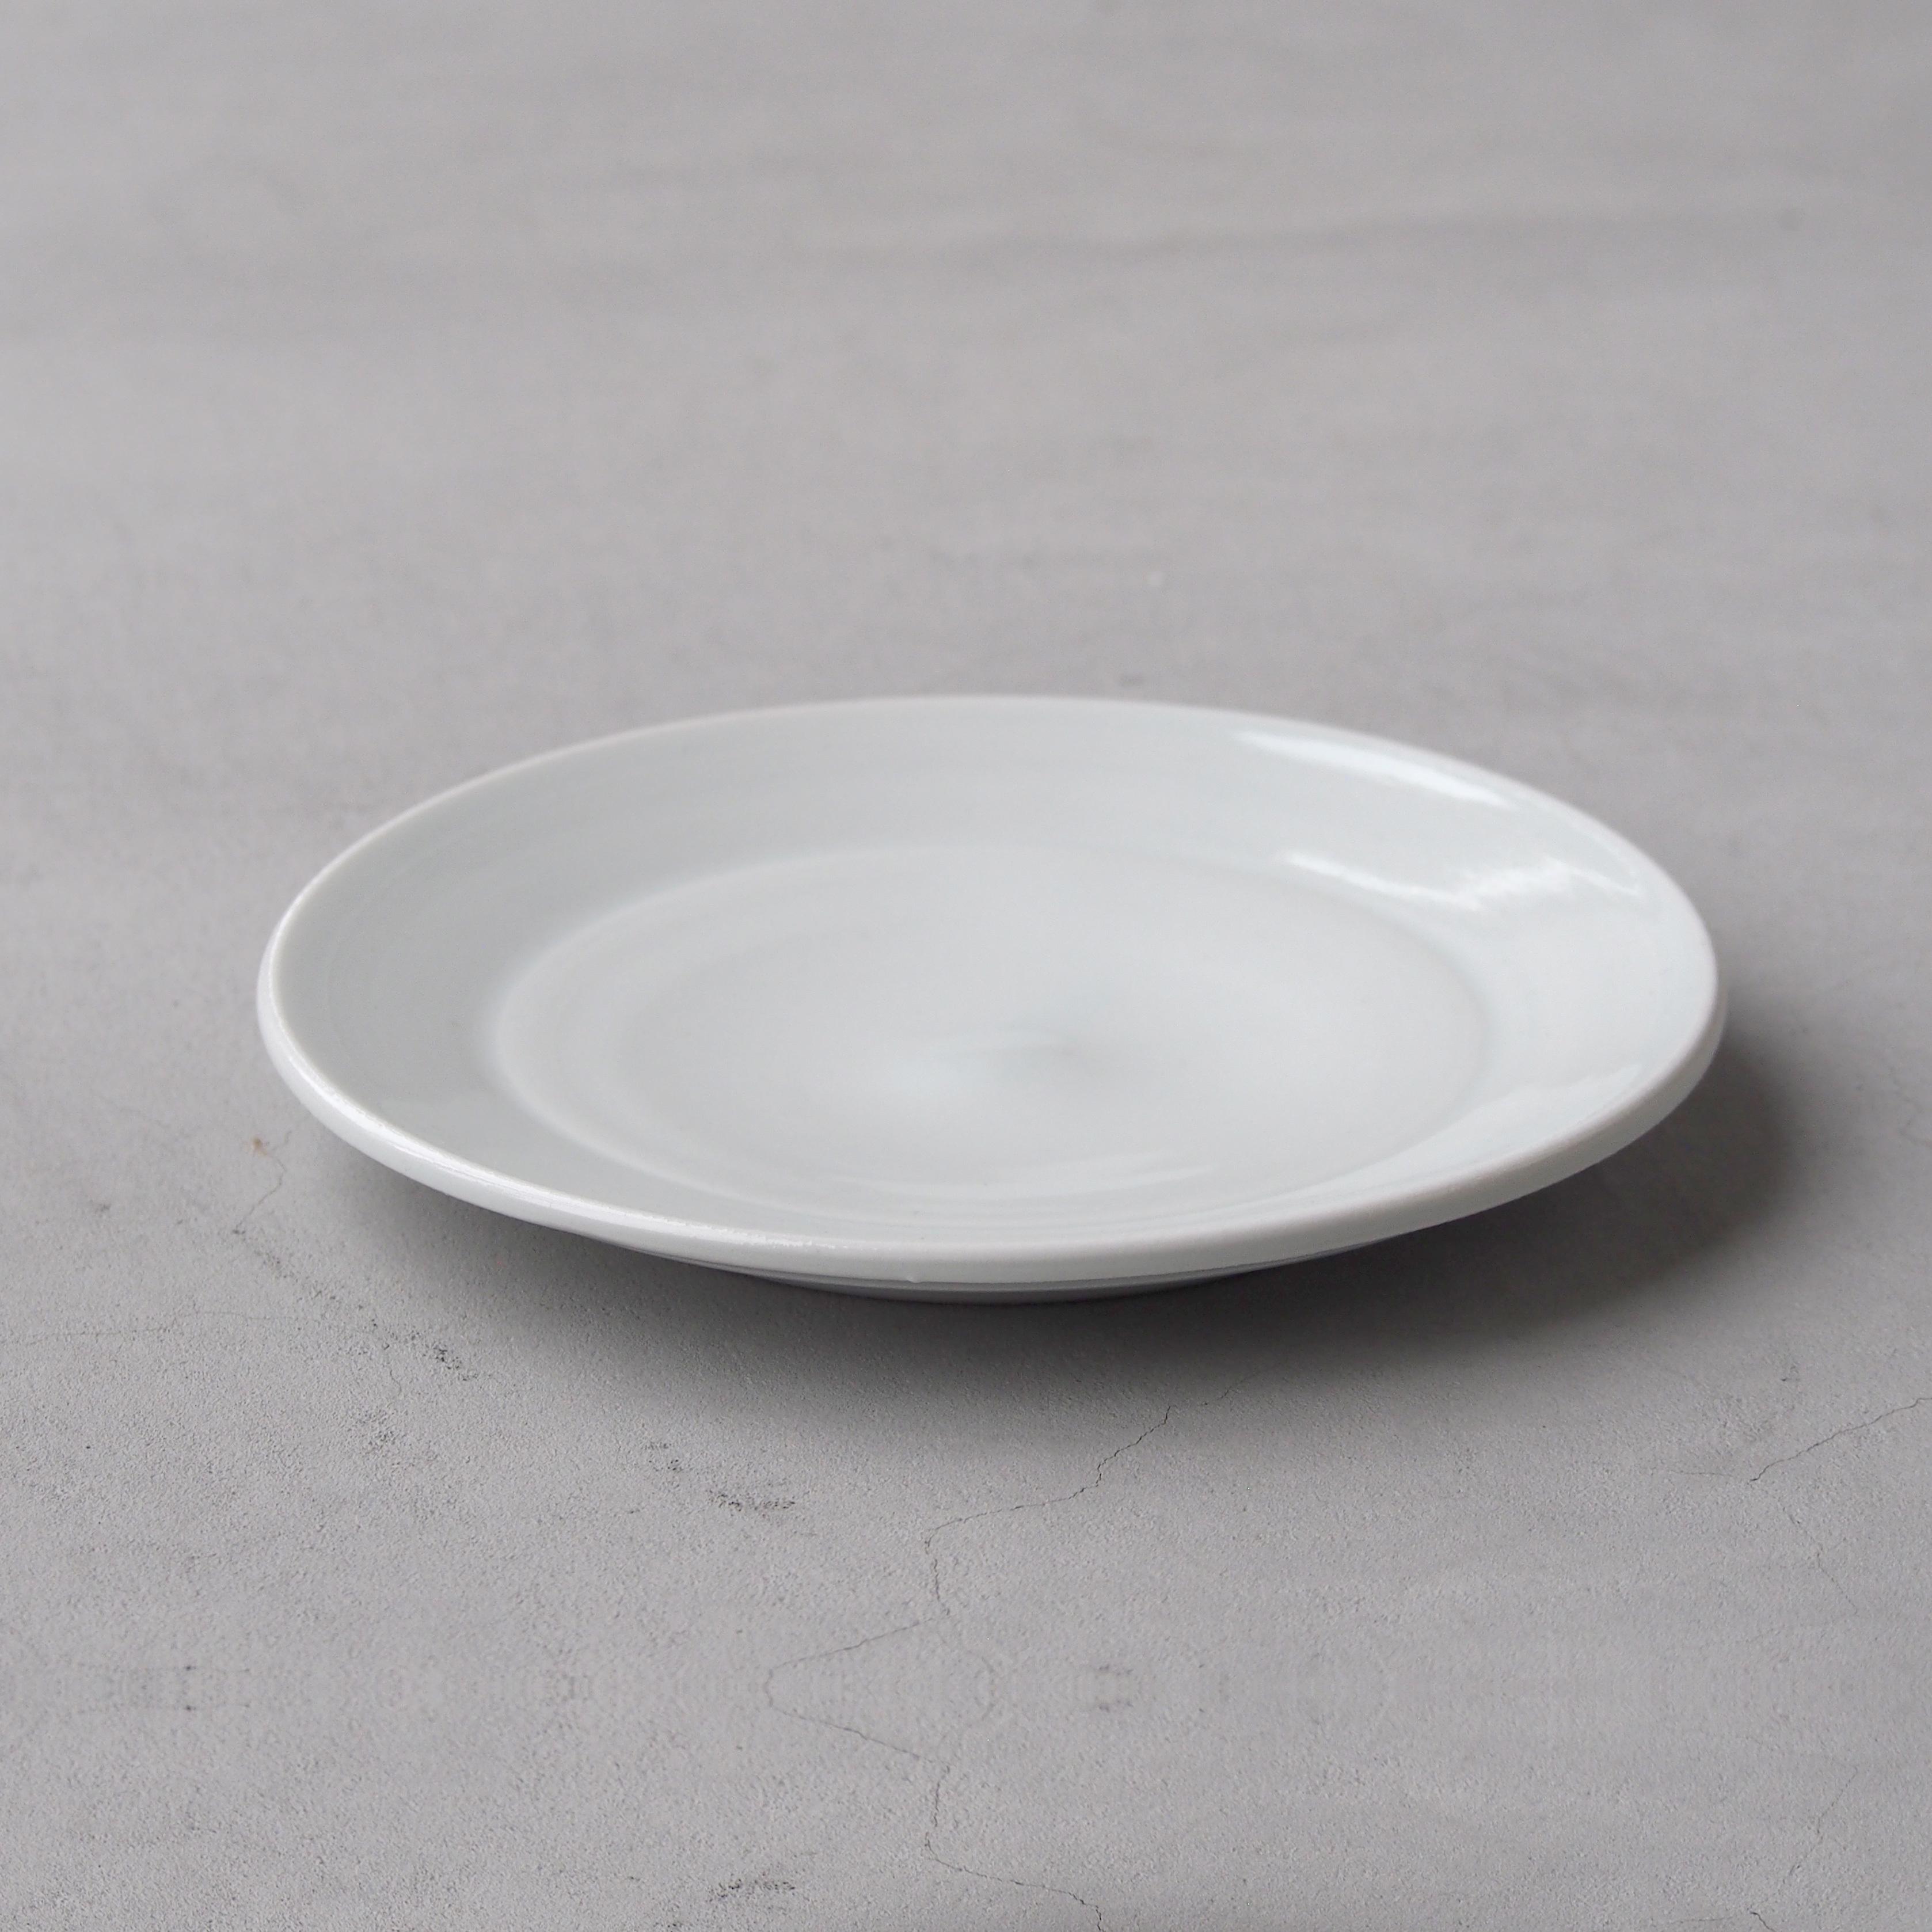 五十嵐元次 6寸皿